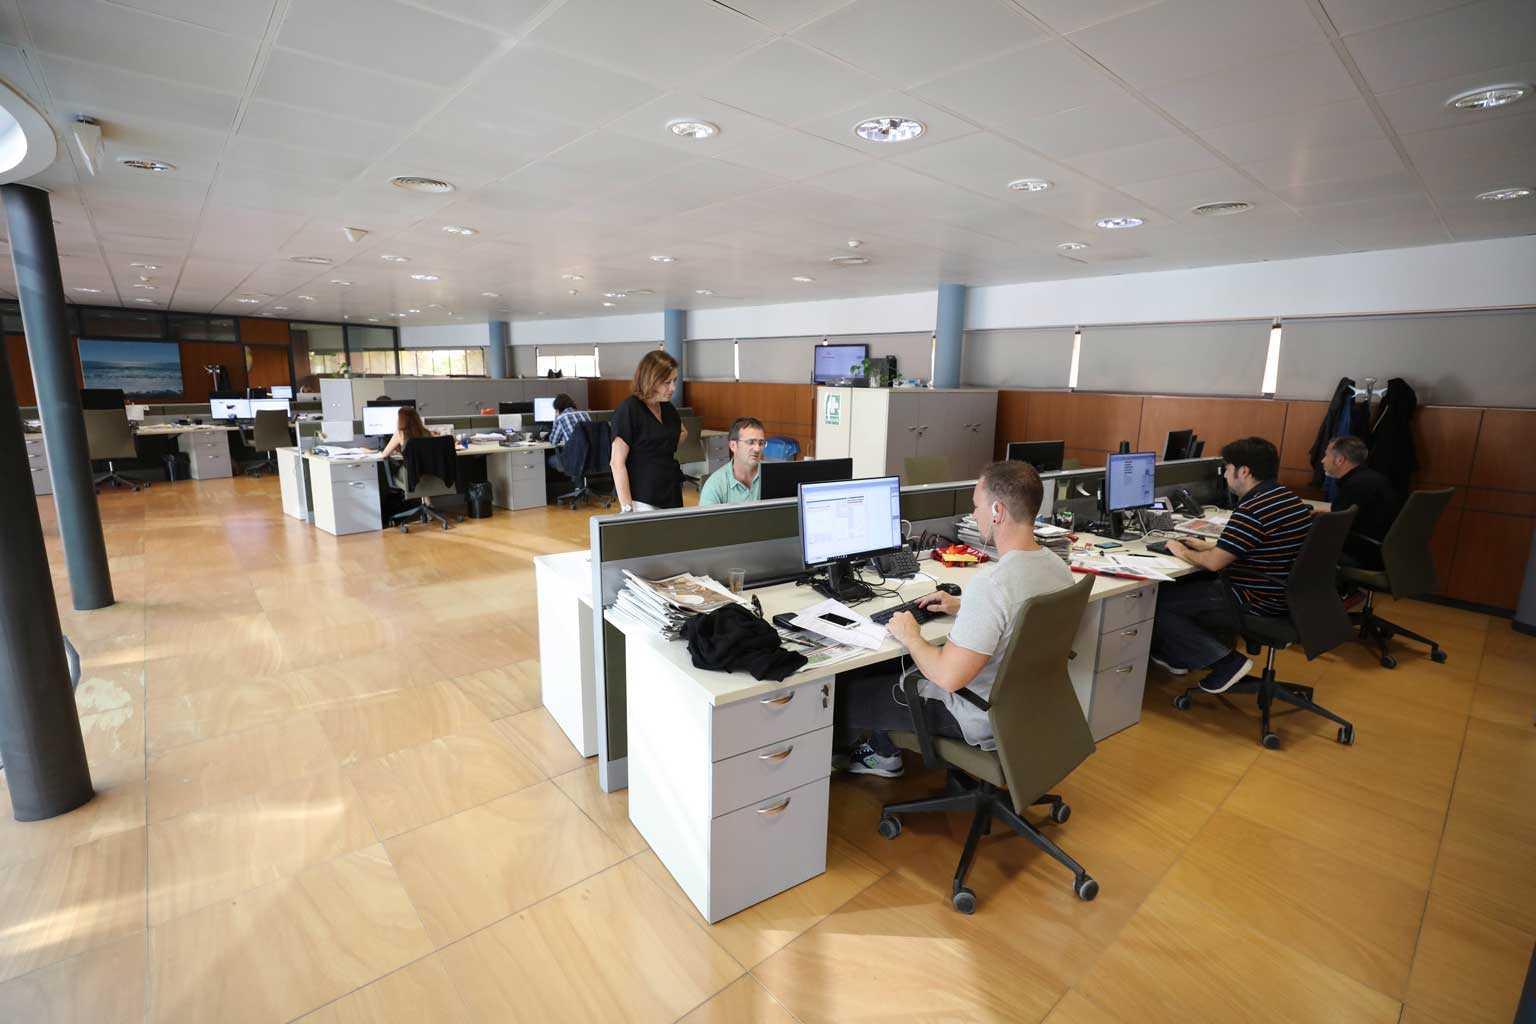 Hoy los ordenadores integran todo el proceso de producción para las ediciones impresa y digital. Vicent Marí